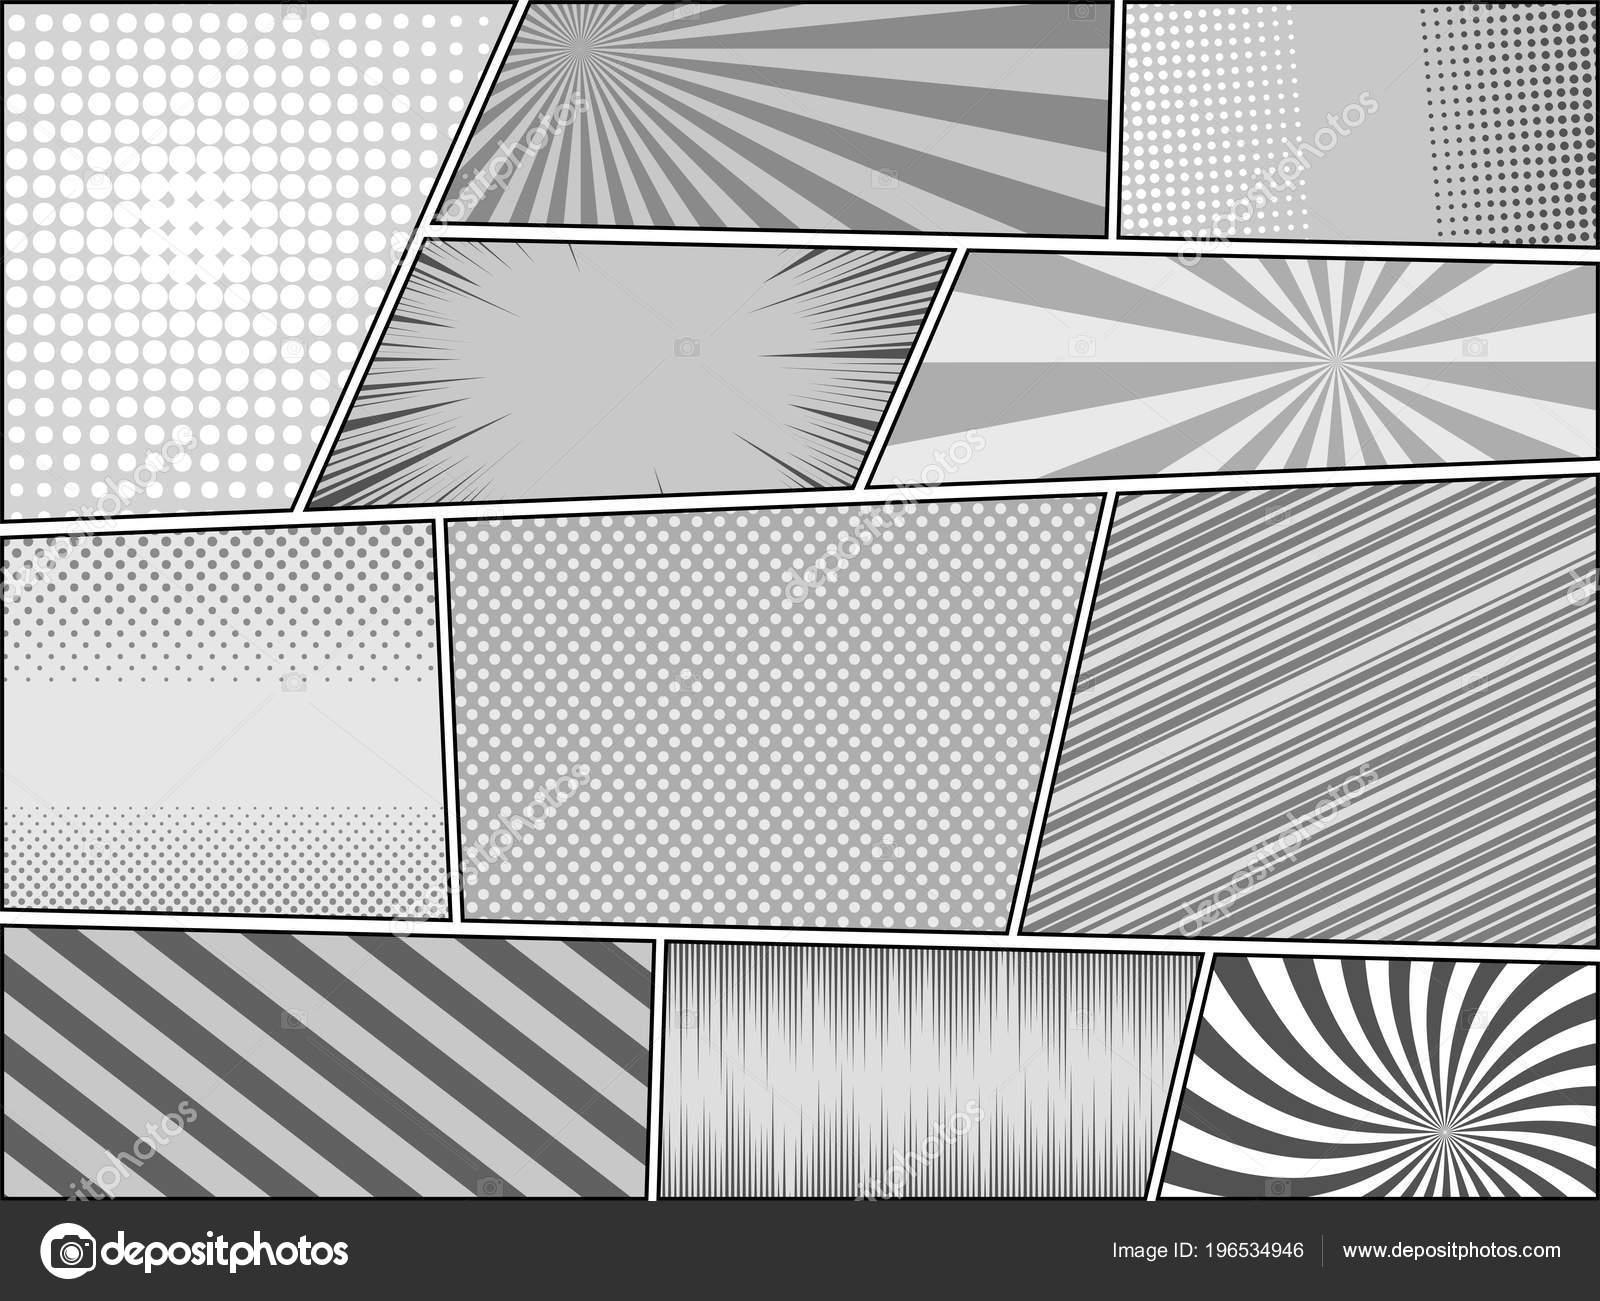 Comic Buch Seite Monochrome Hintergründe Mit Radial Punktiert Schrägen  Linien Und Strahlen Effekte In Grauen Farben. Vektor Illustration U2014 Vektor  Von ...